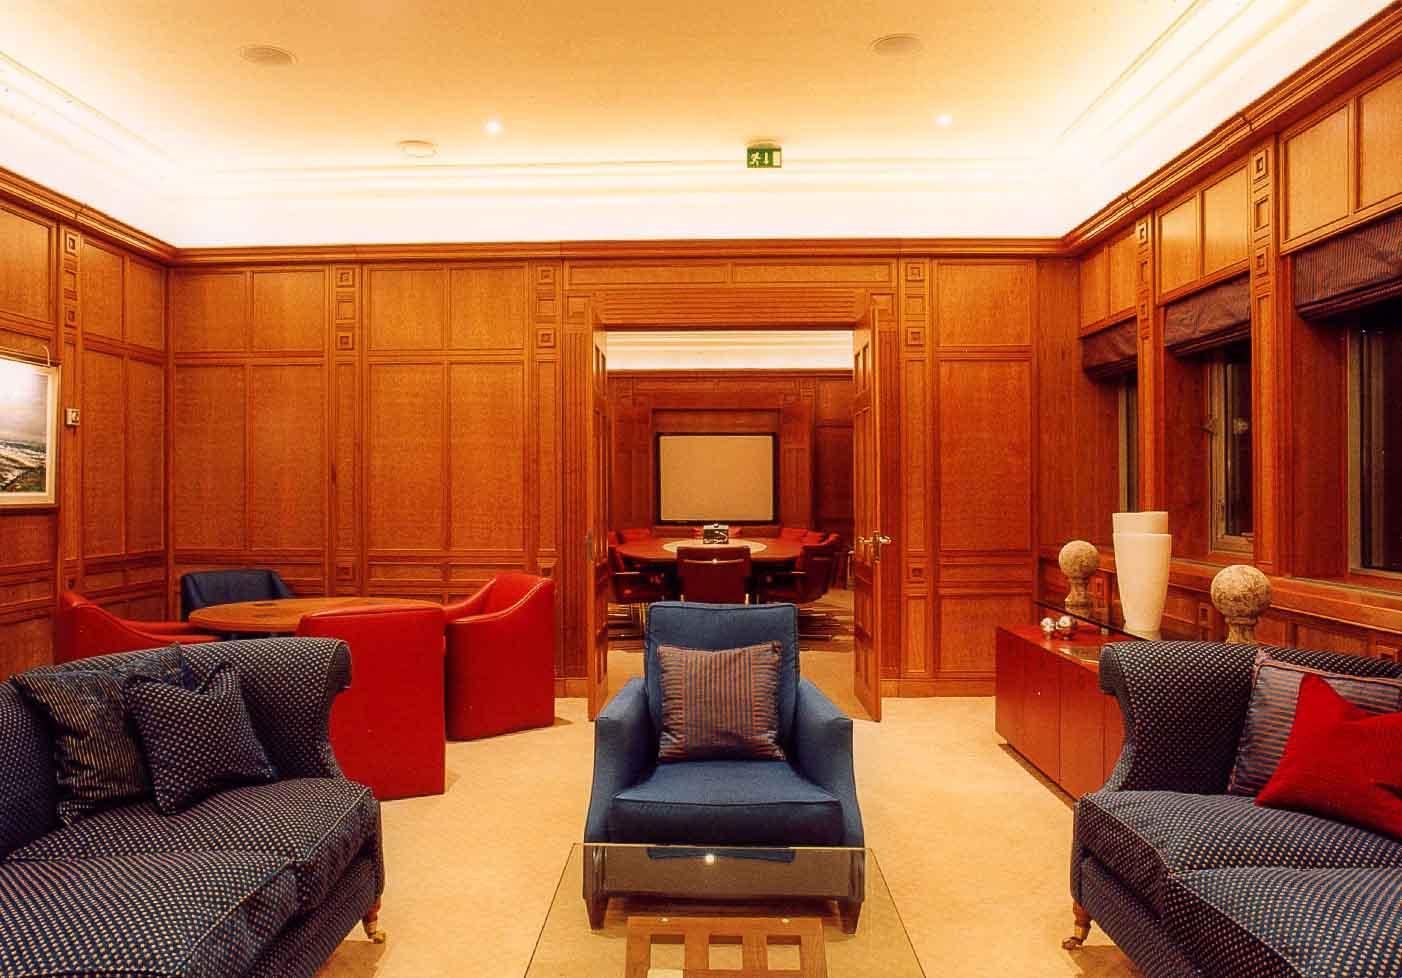 Boardrooms and Reception DesksBoardroom Tables, Reception Desk, Furniture & Panelling | Jack Hyams